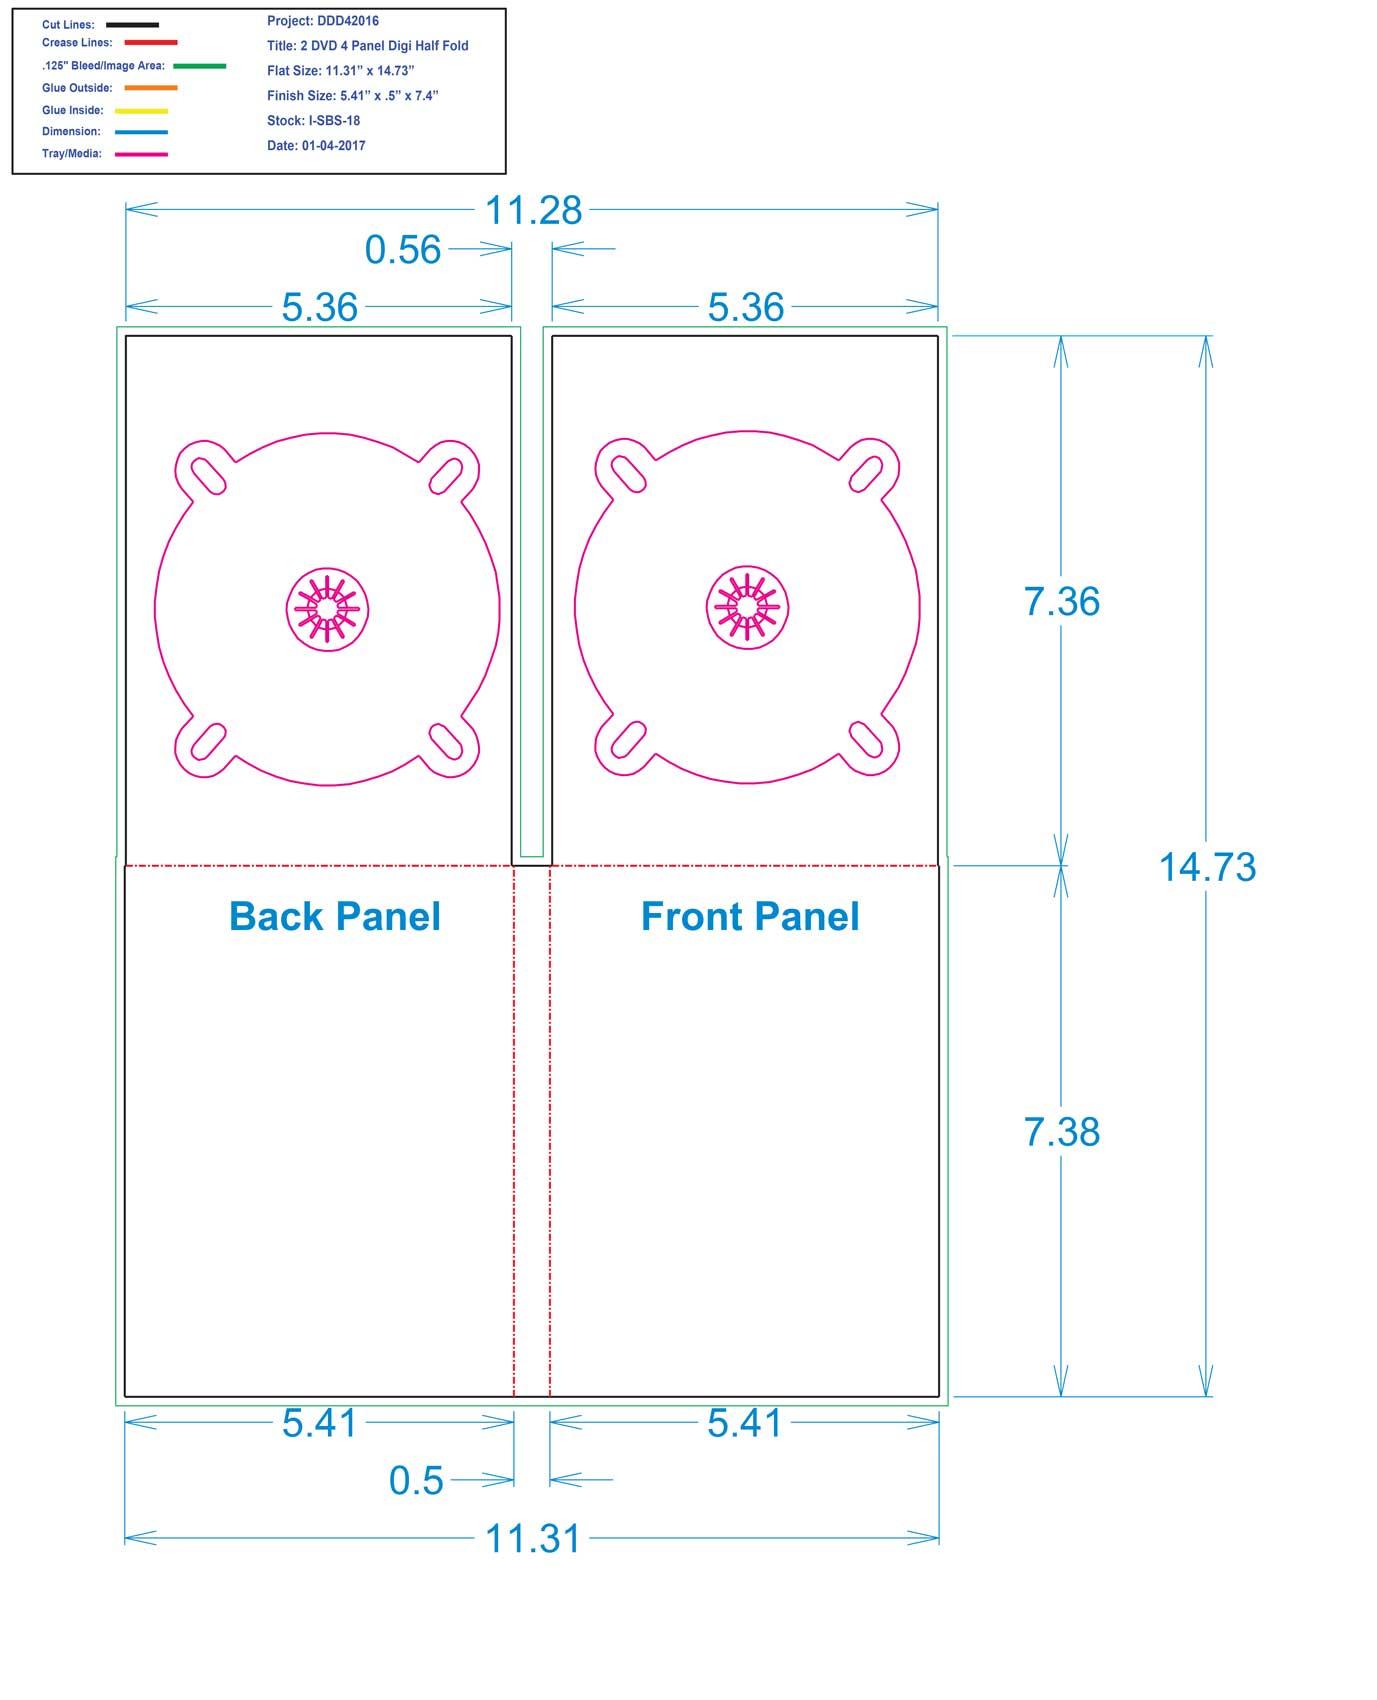 DDD42016 - 4 Panel Digi Two Tray Half Fold